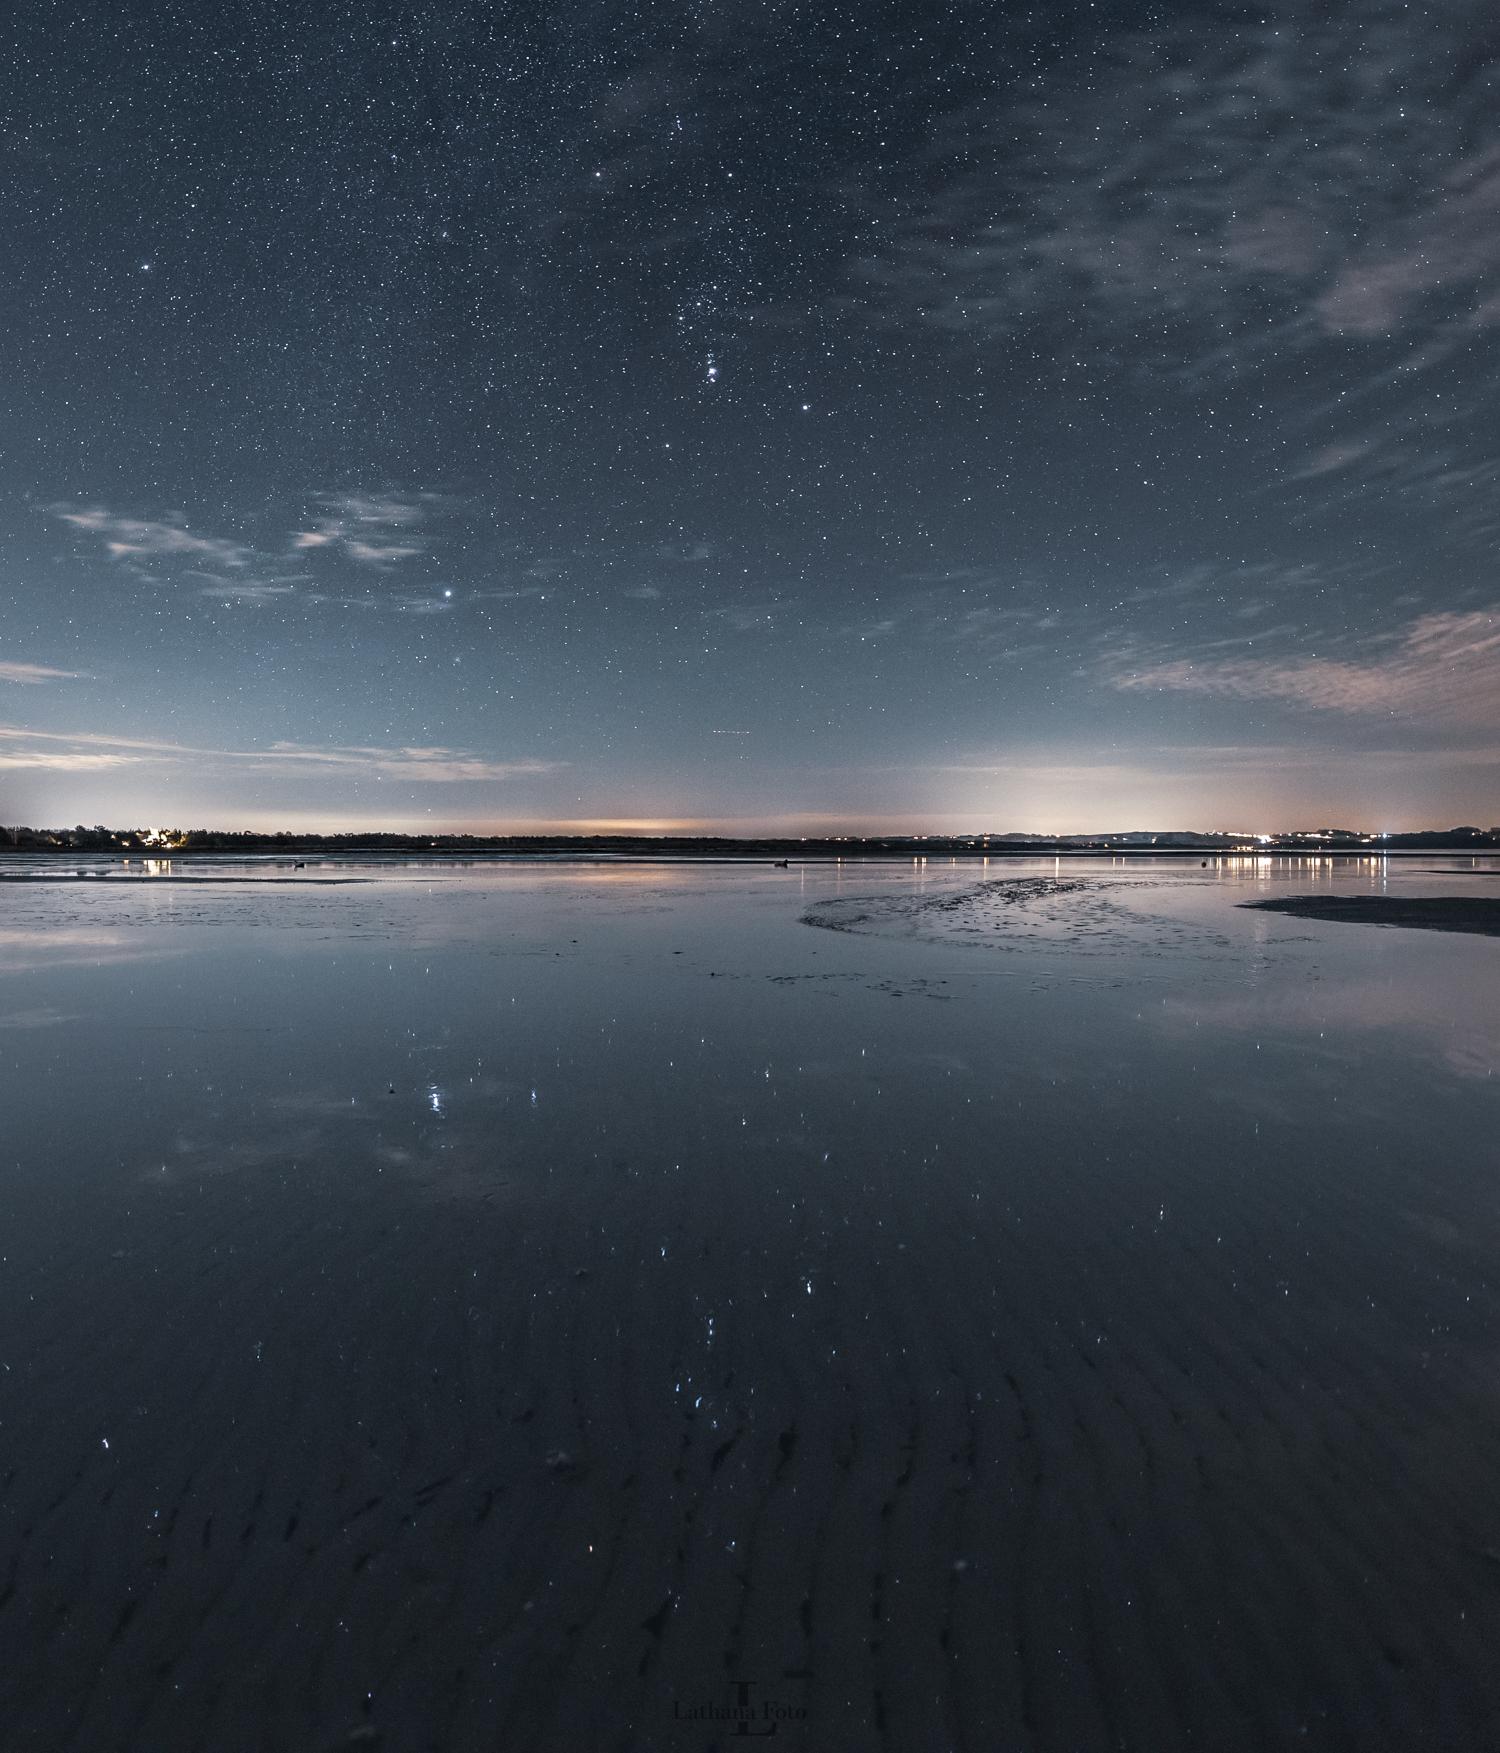 Orion i vandet 010221 1